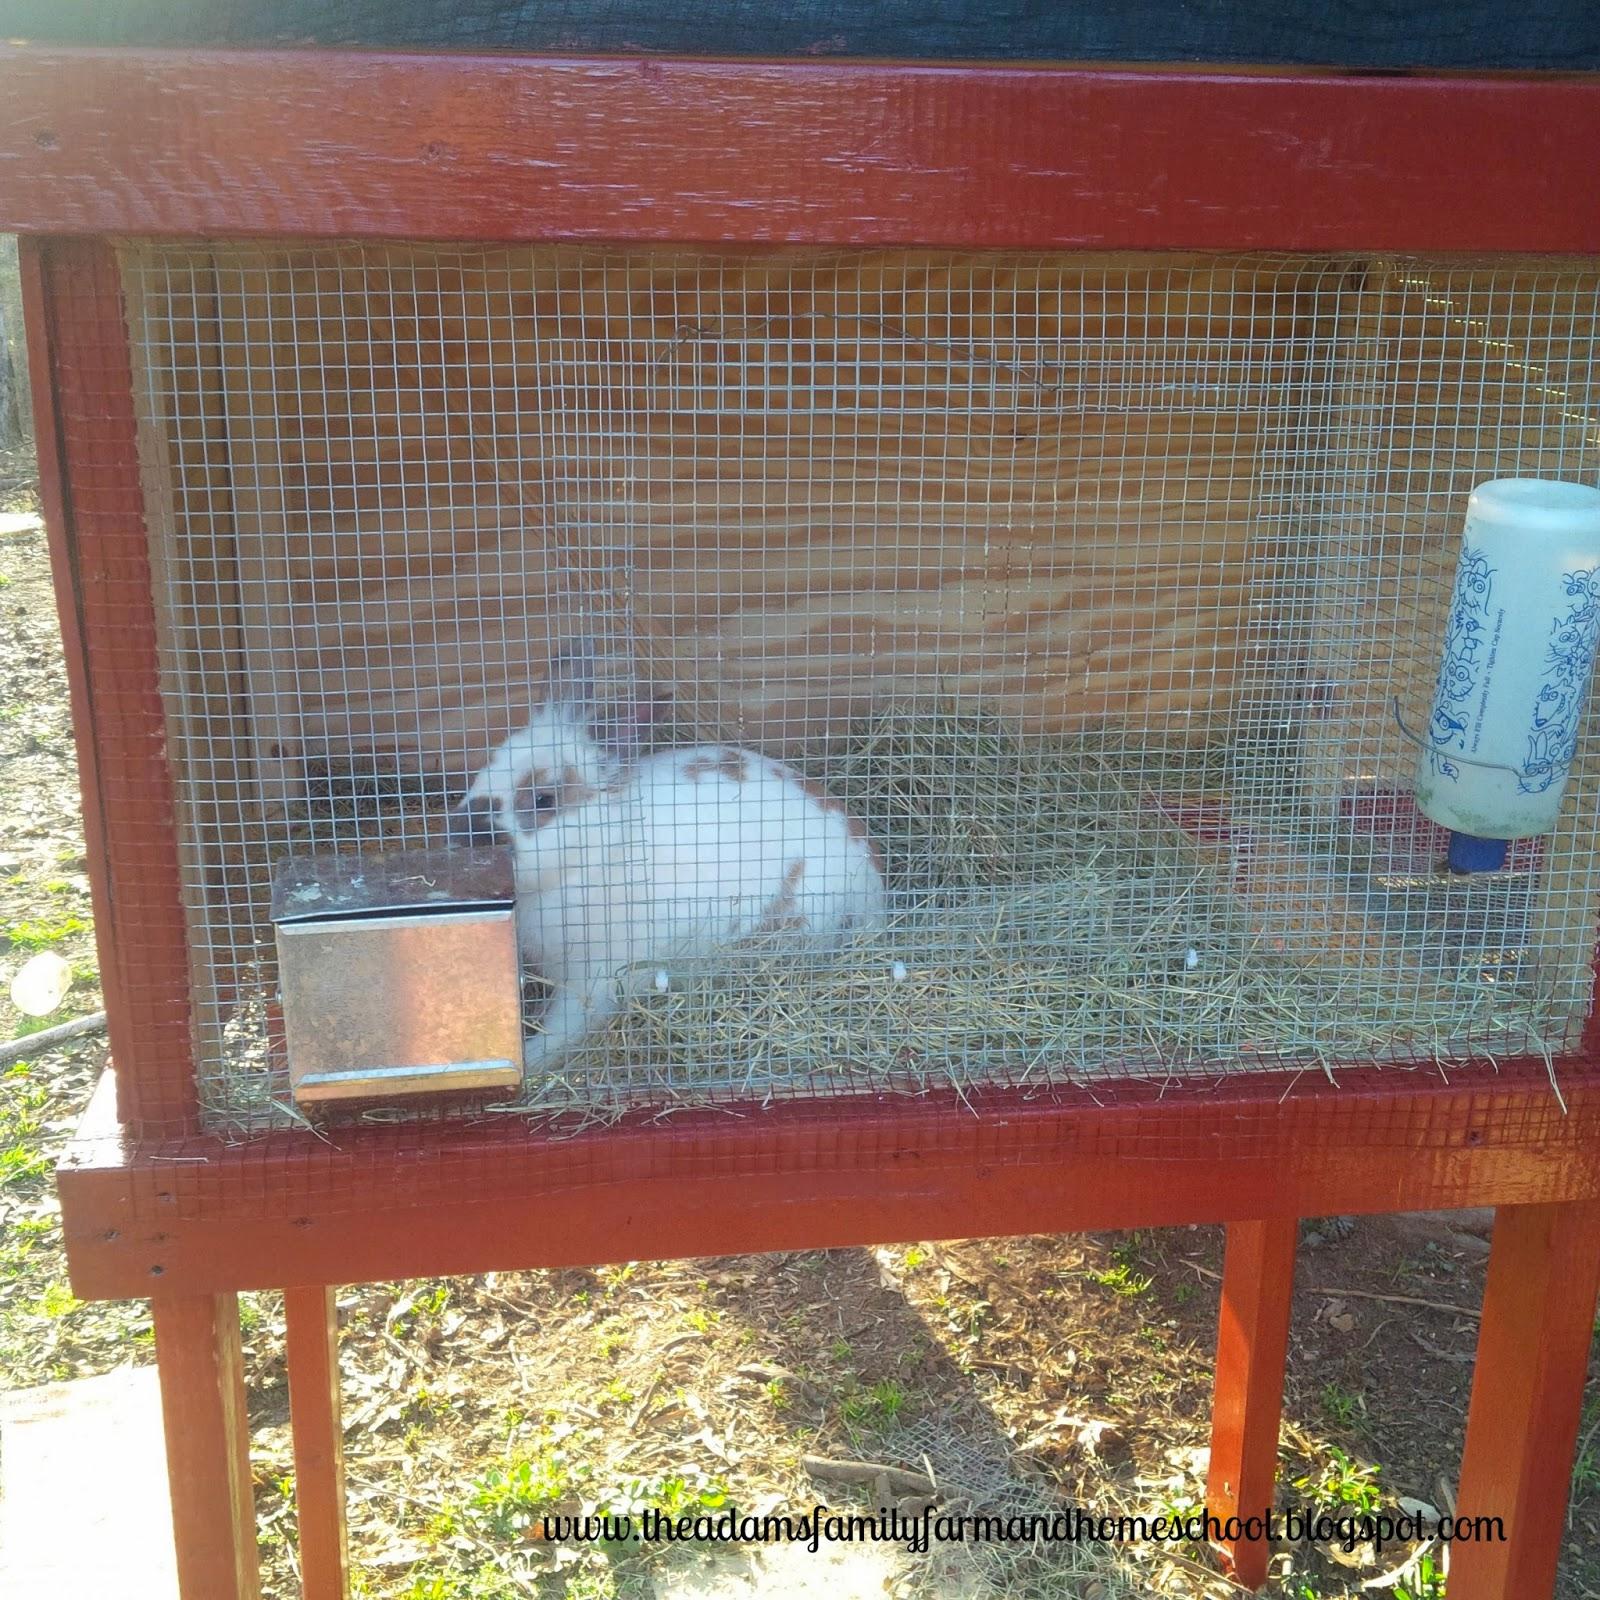 Rabbit Enjoying His New Cage